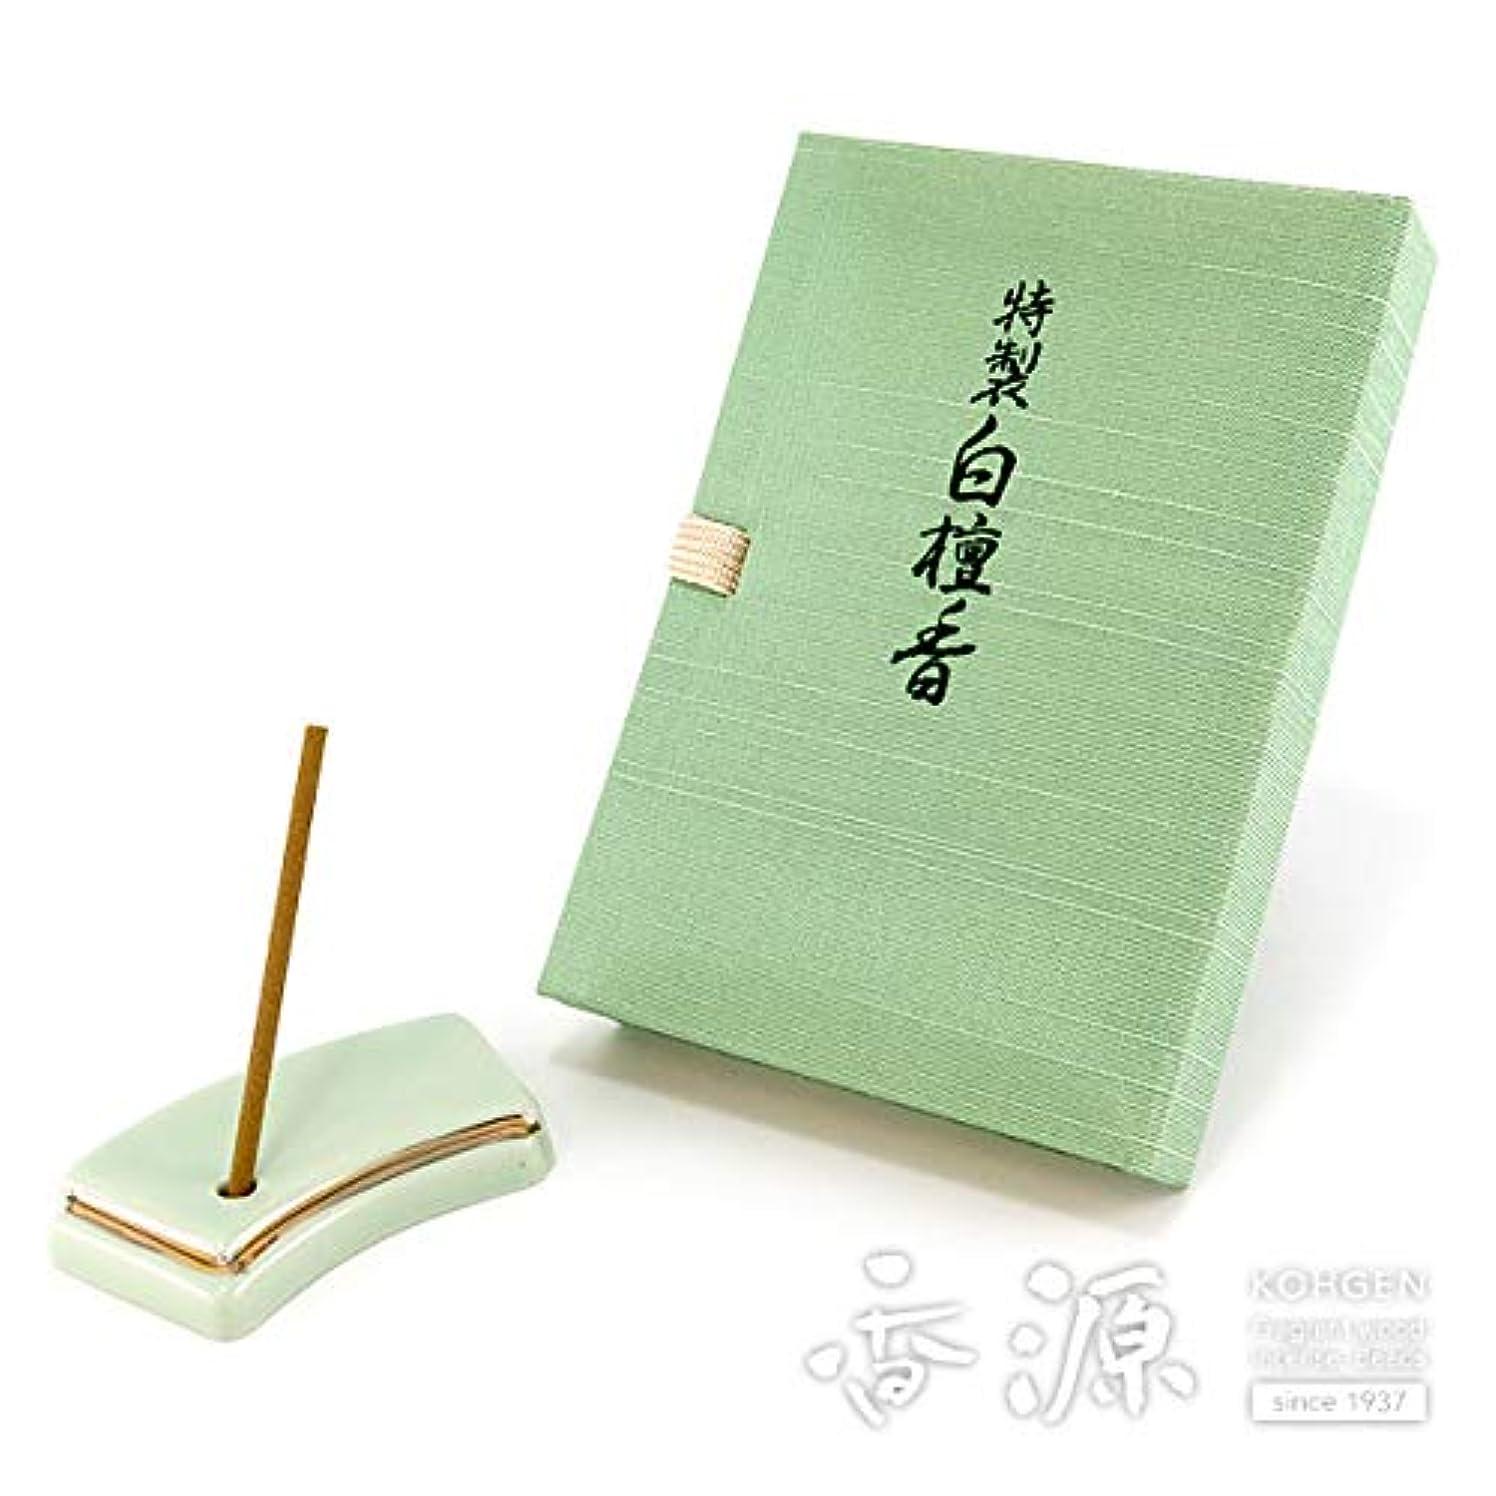 日本香堂のお香 特製白檀香 スティックミニ寸文庫型 60本入り